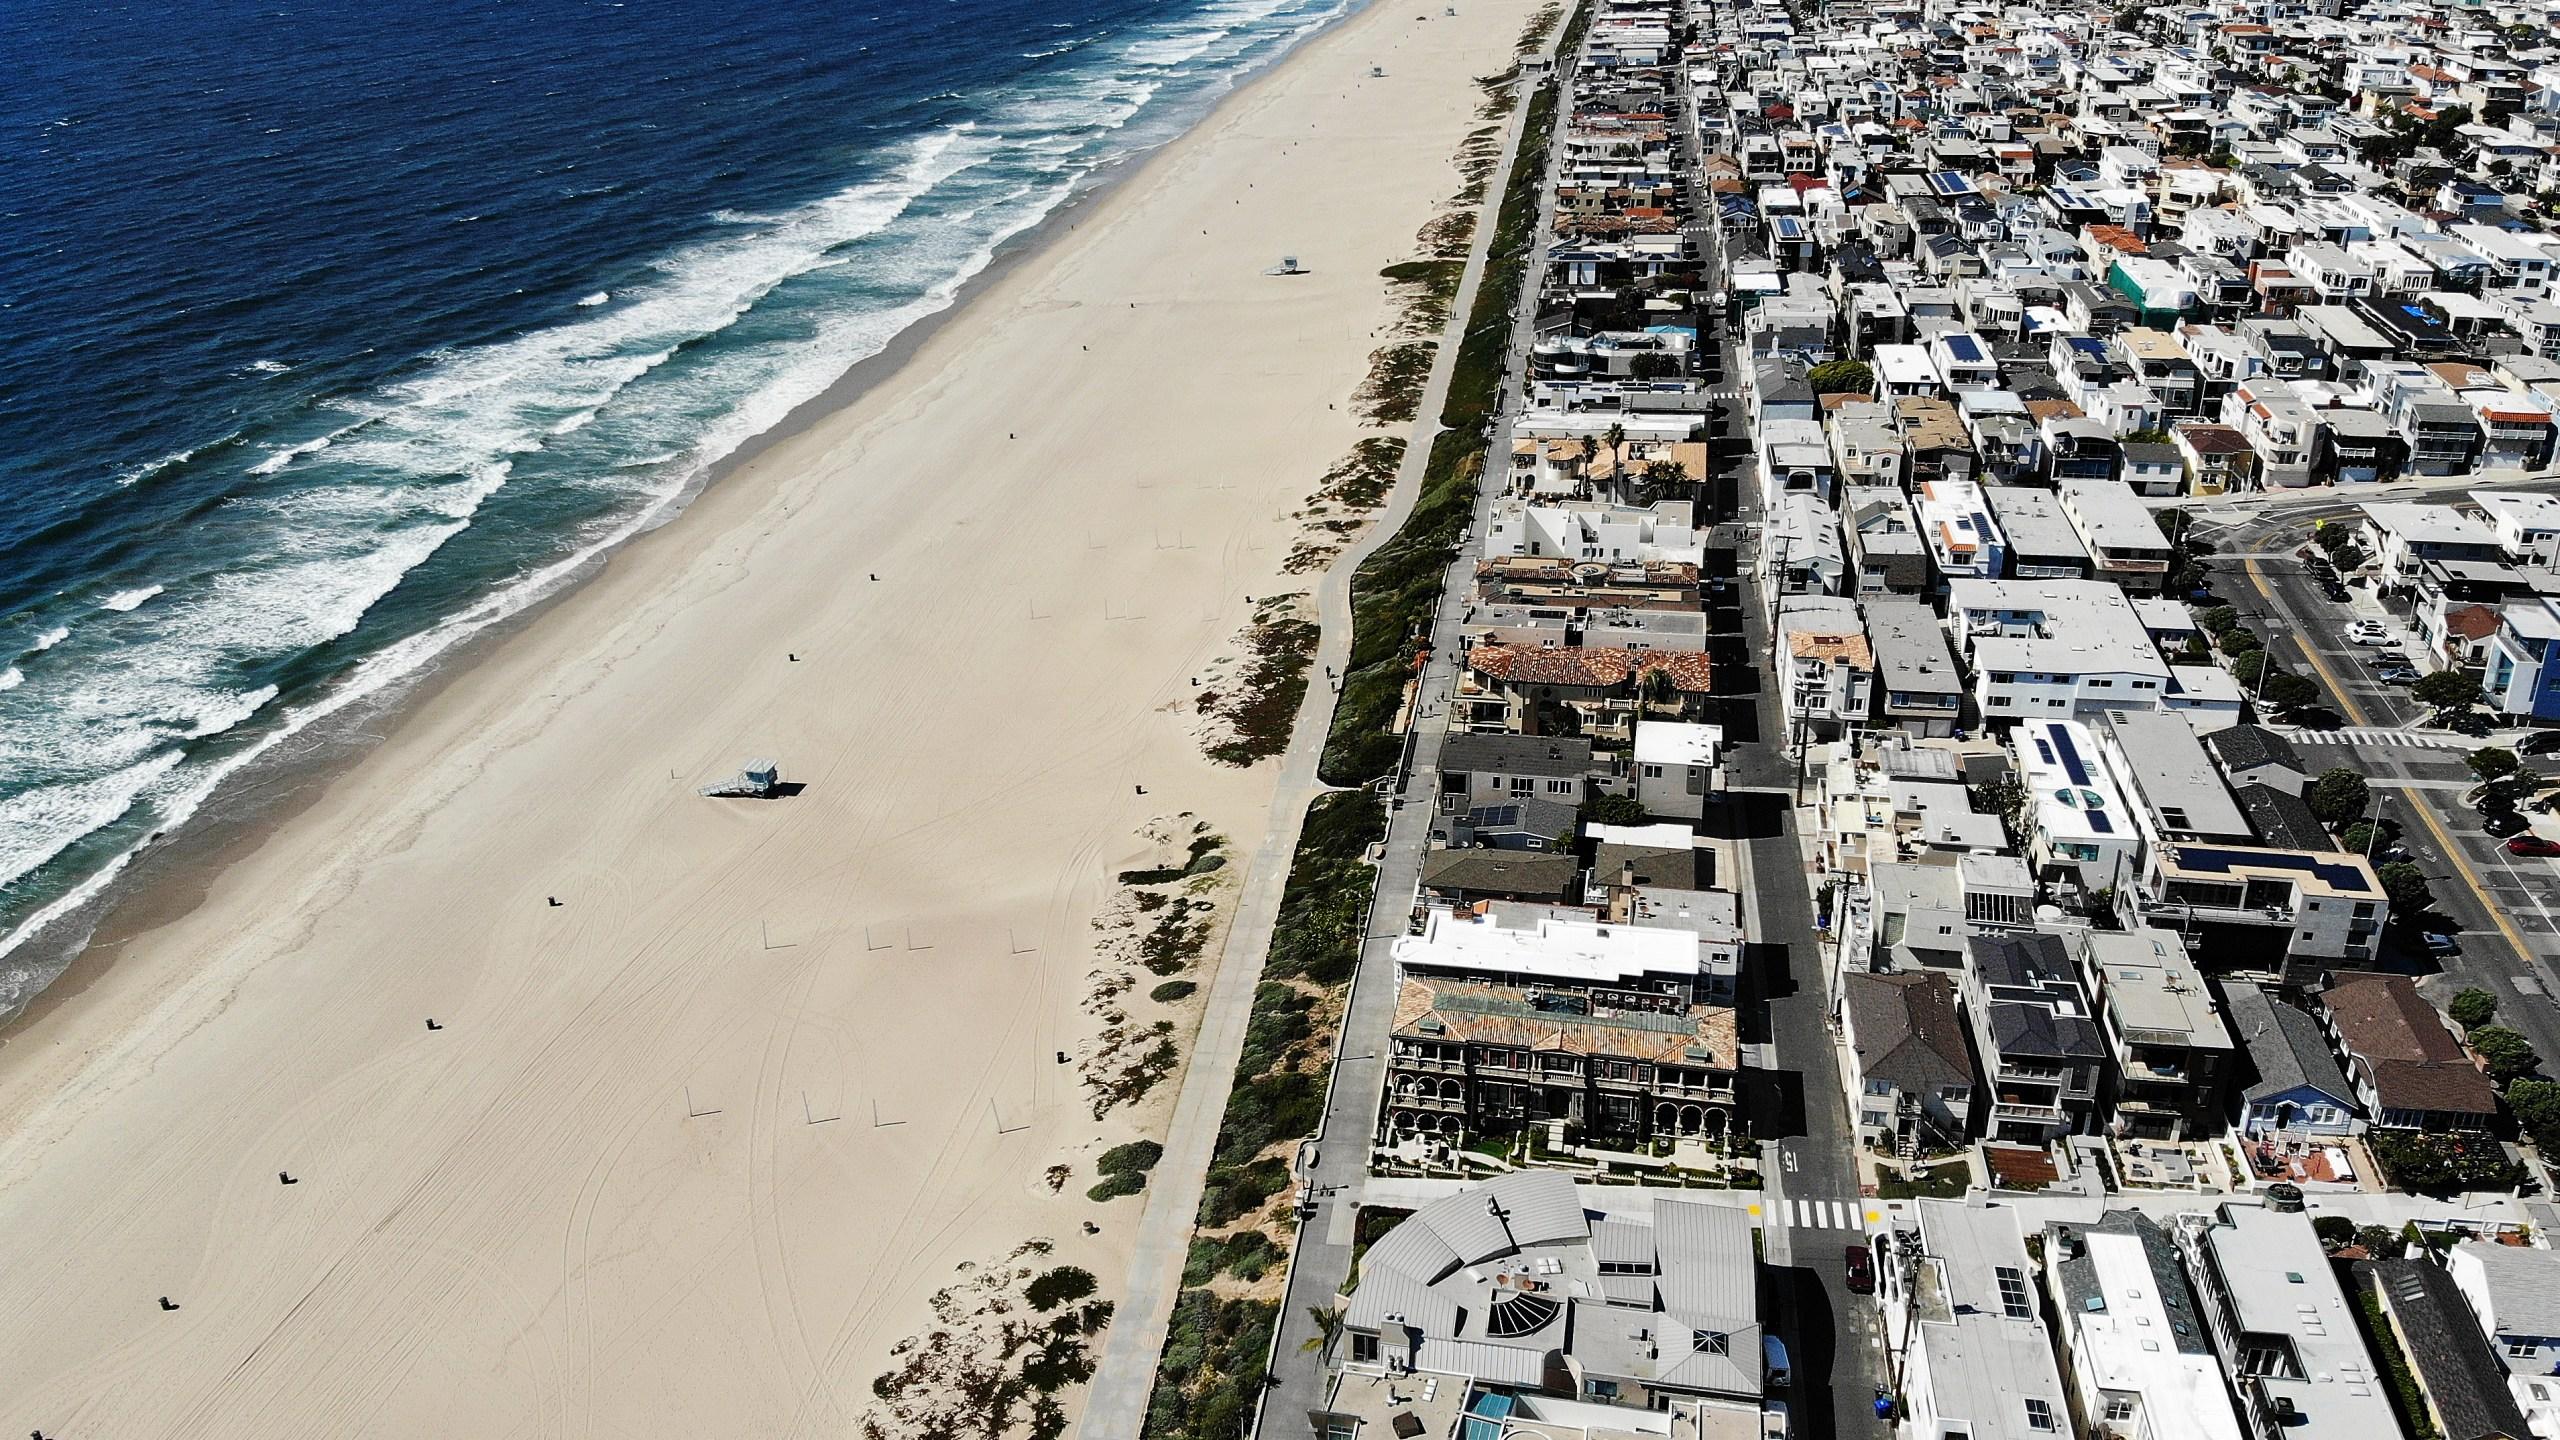 An aerial view of Manhattan Beach following L.A. beach closures amid the coronavirus pandemic on March 27, 2020 in Manhattan Beach. (Mario Tama/Getty Images)